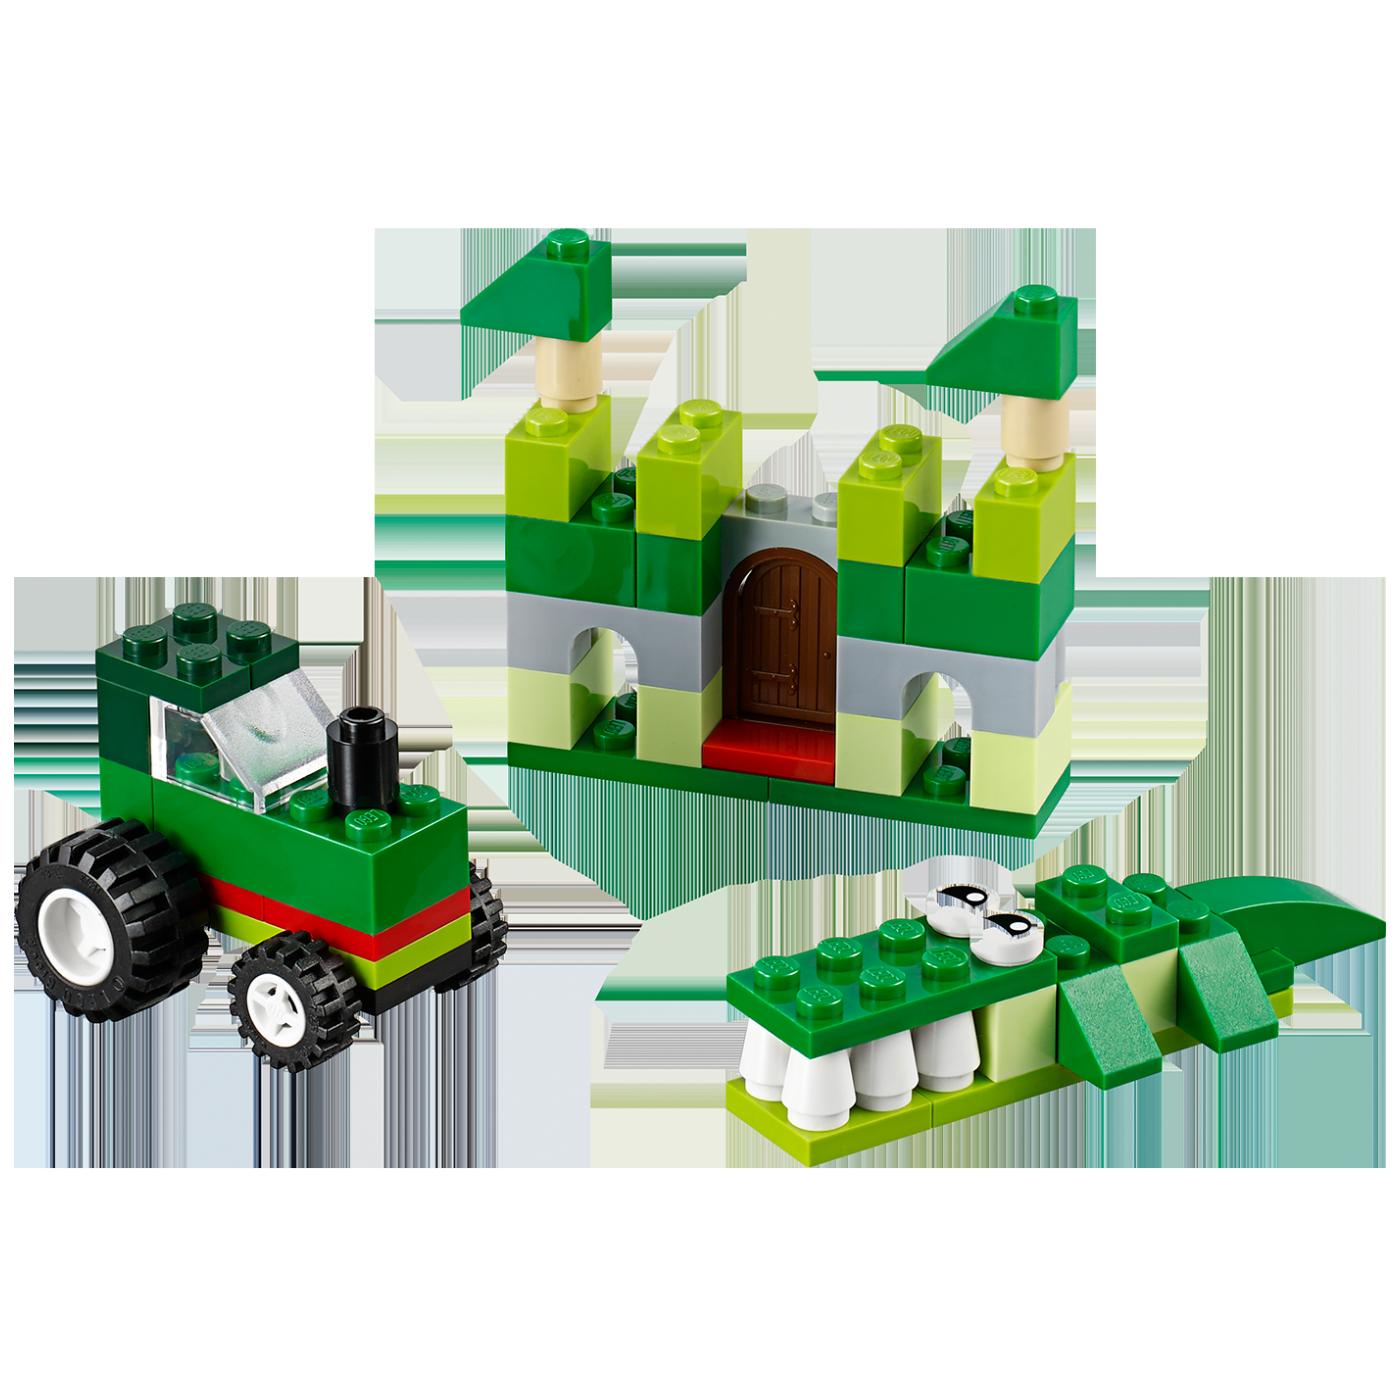 Zelena kutija kreativnosti, LEGO Classic